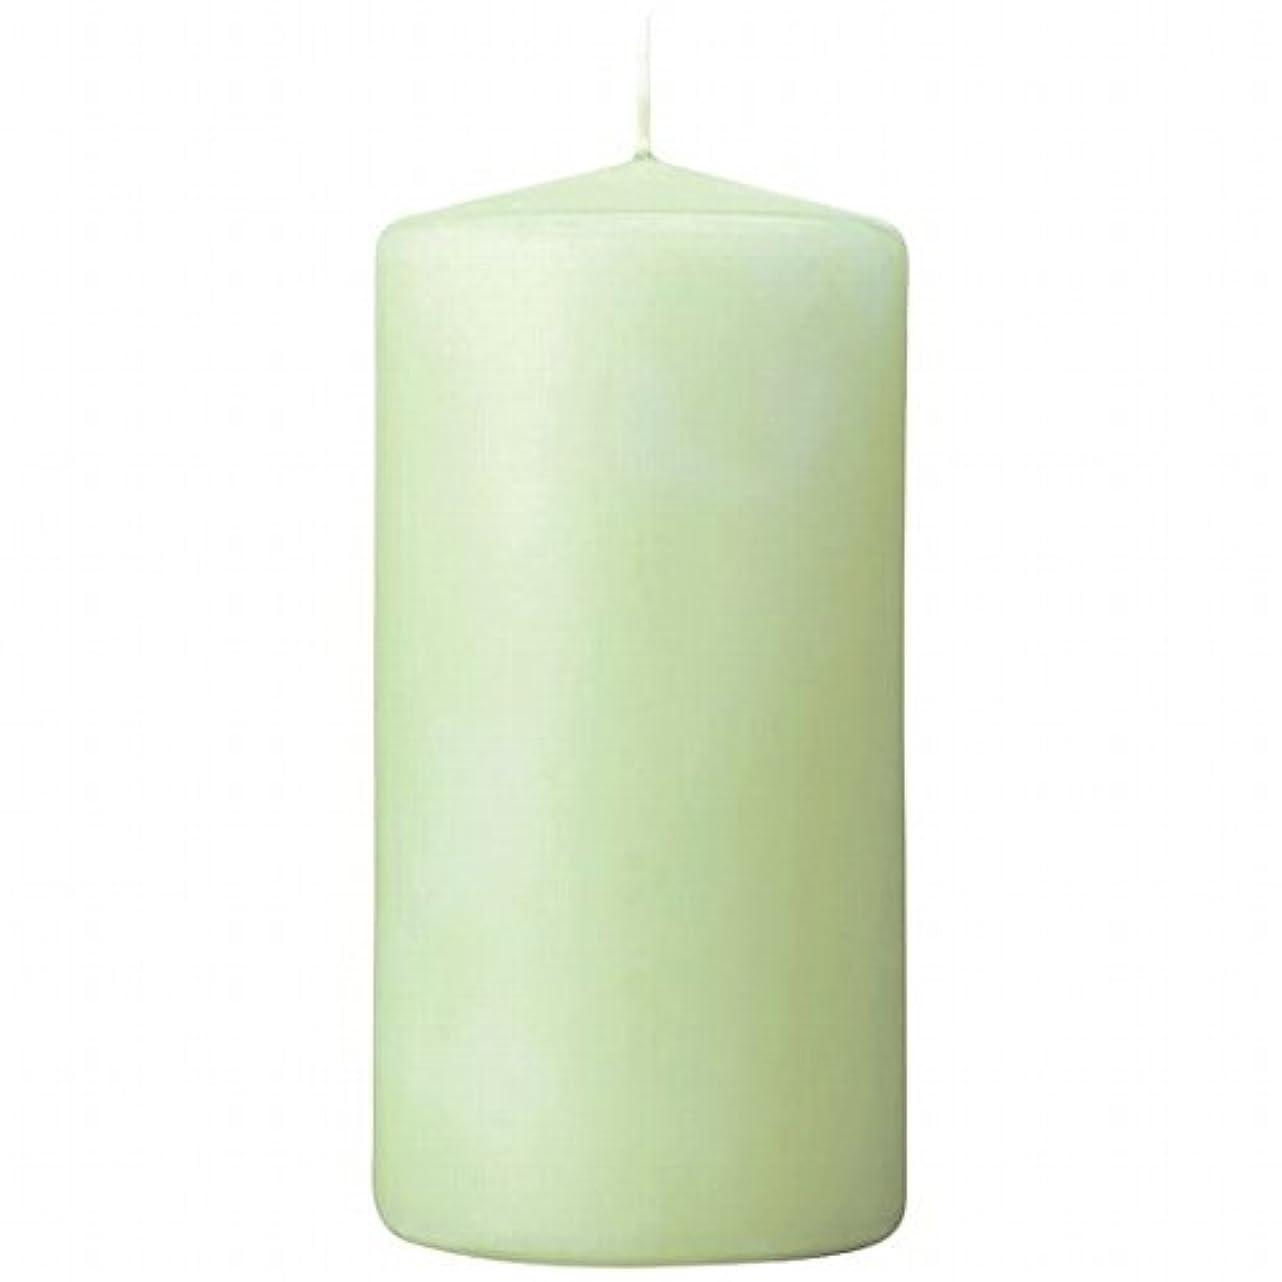 ブーム縫い目三番カメヤマキャンドル(kameyama candle) 3×6ベルトップピラーキャンドル 「 ホワイトグリーン 」